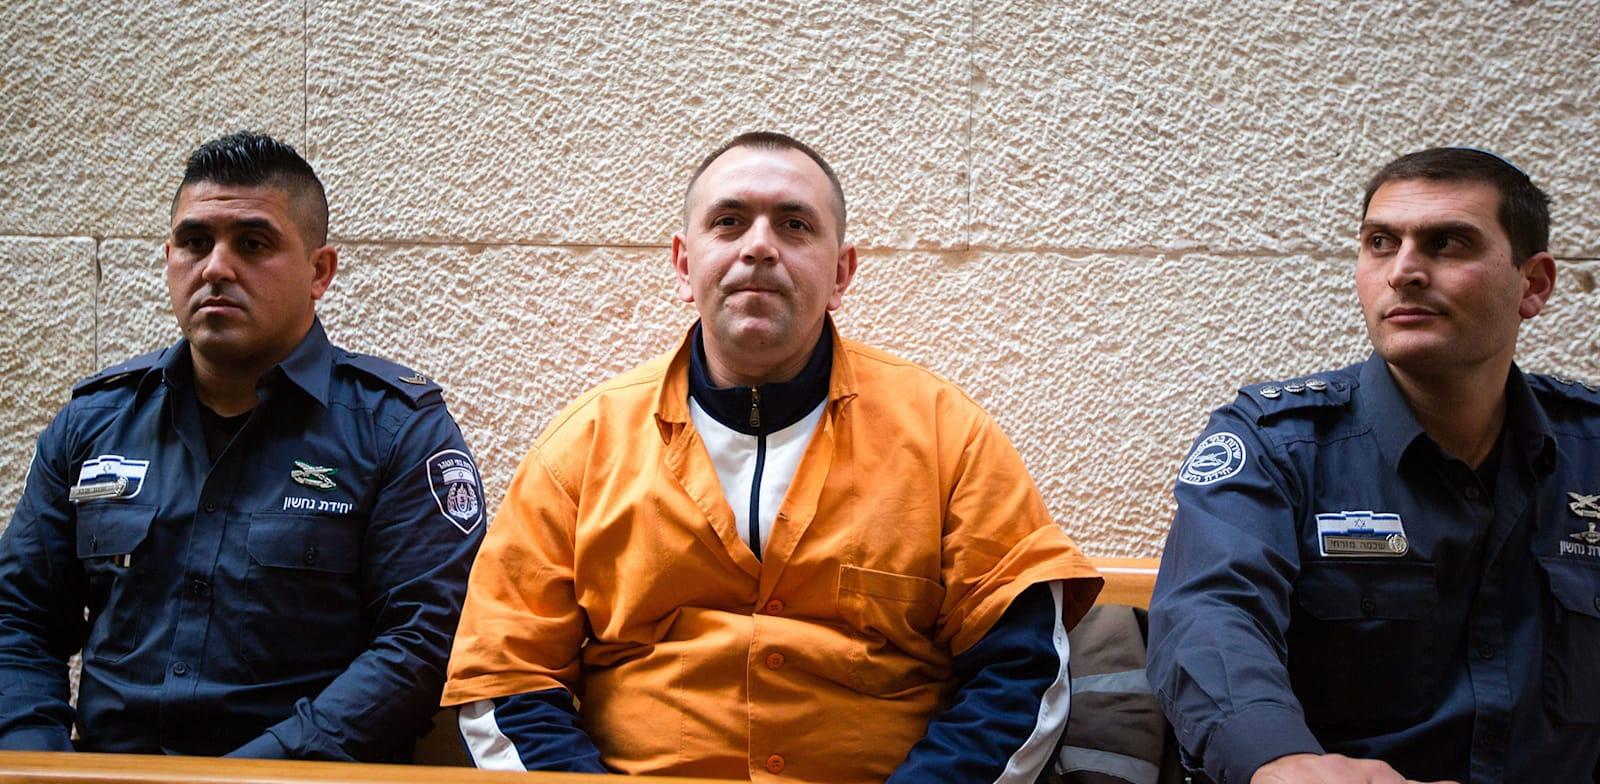 רומן זדורוב / צילום: דודי ועקנין